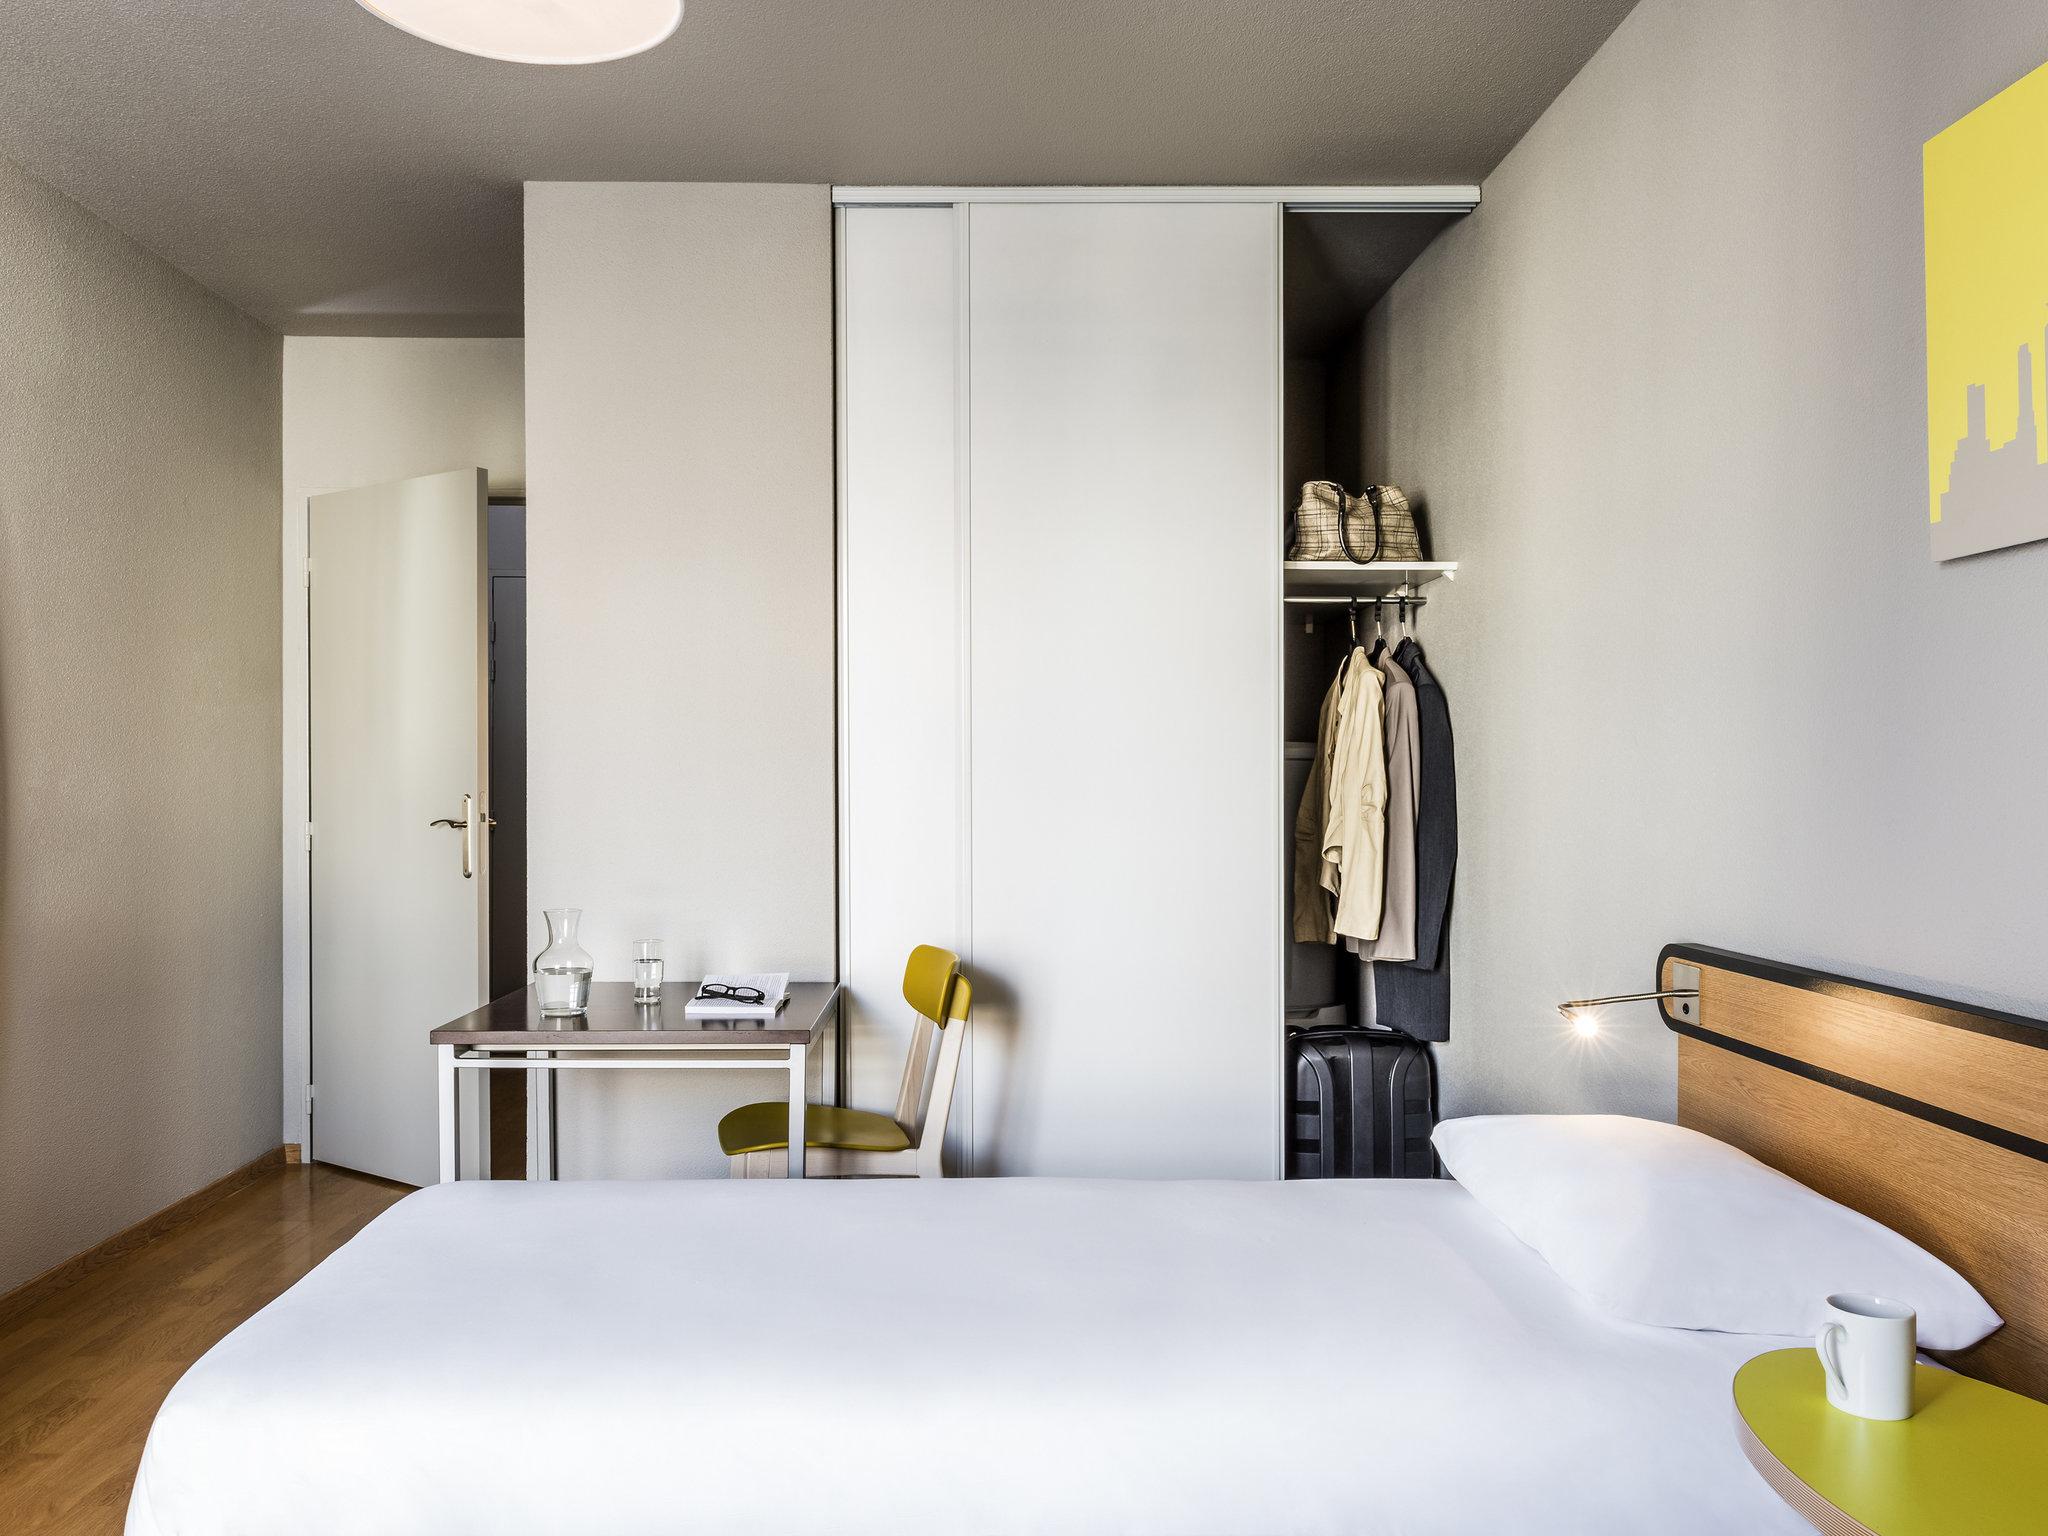 فندق - Aparthotel Adagio access Vanves Porte de Châtillon